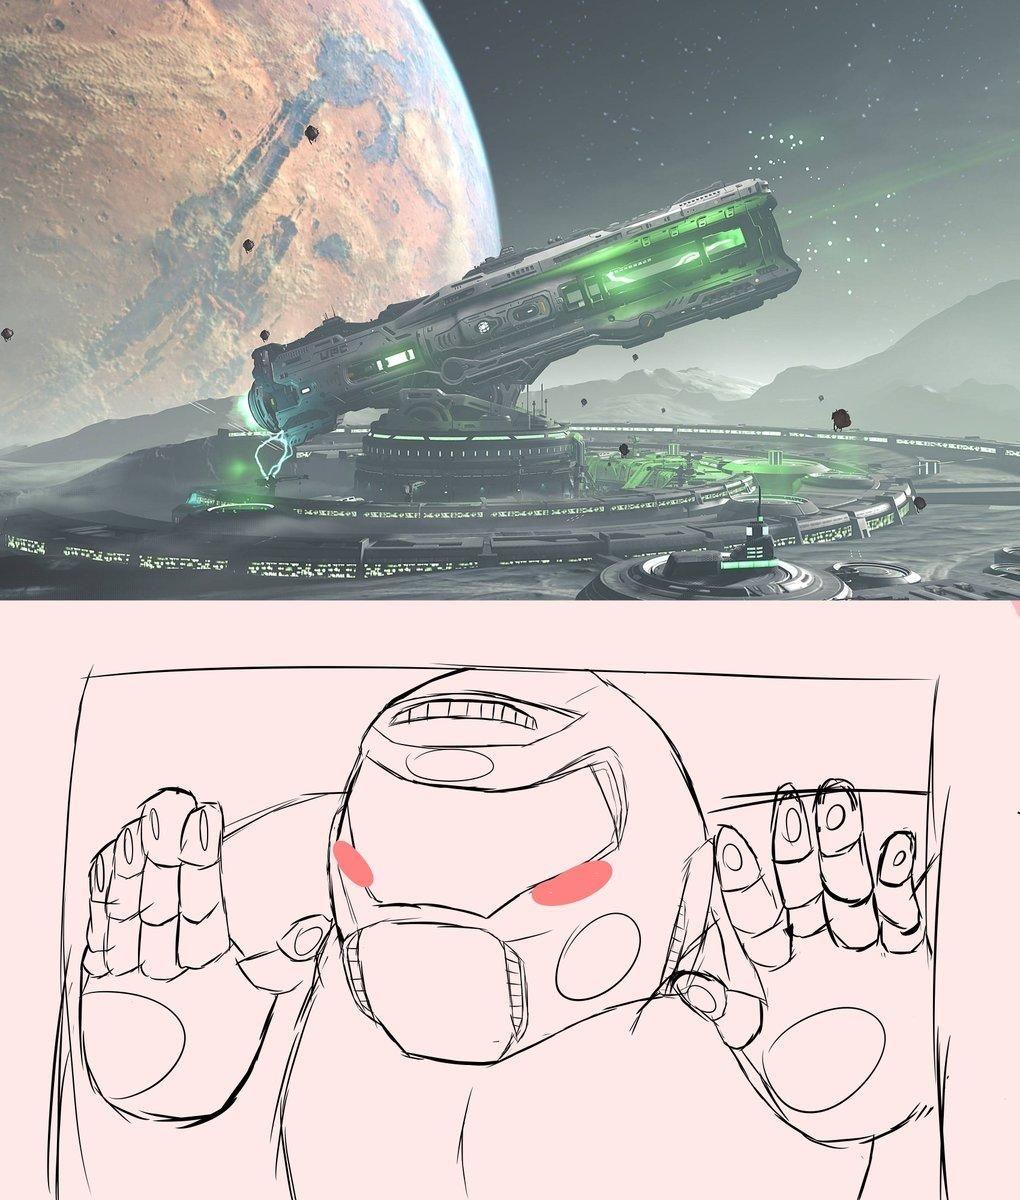 Ламповый стрим с чатом! Doom: Eternal 20.03.2020. - Изображение 1